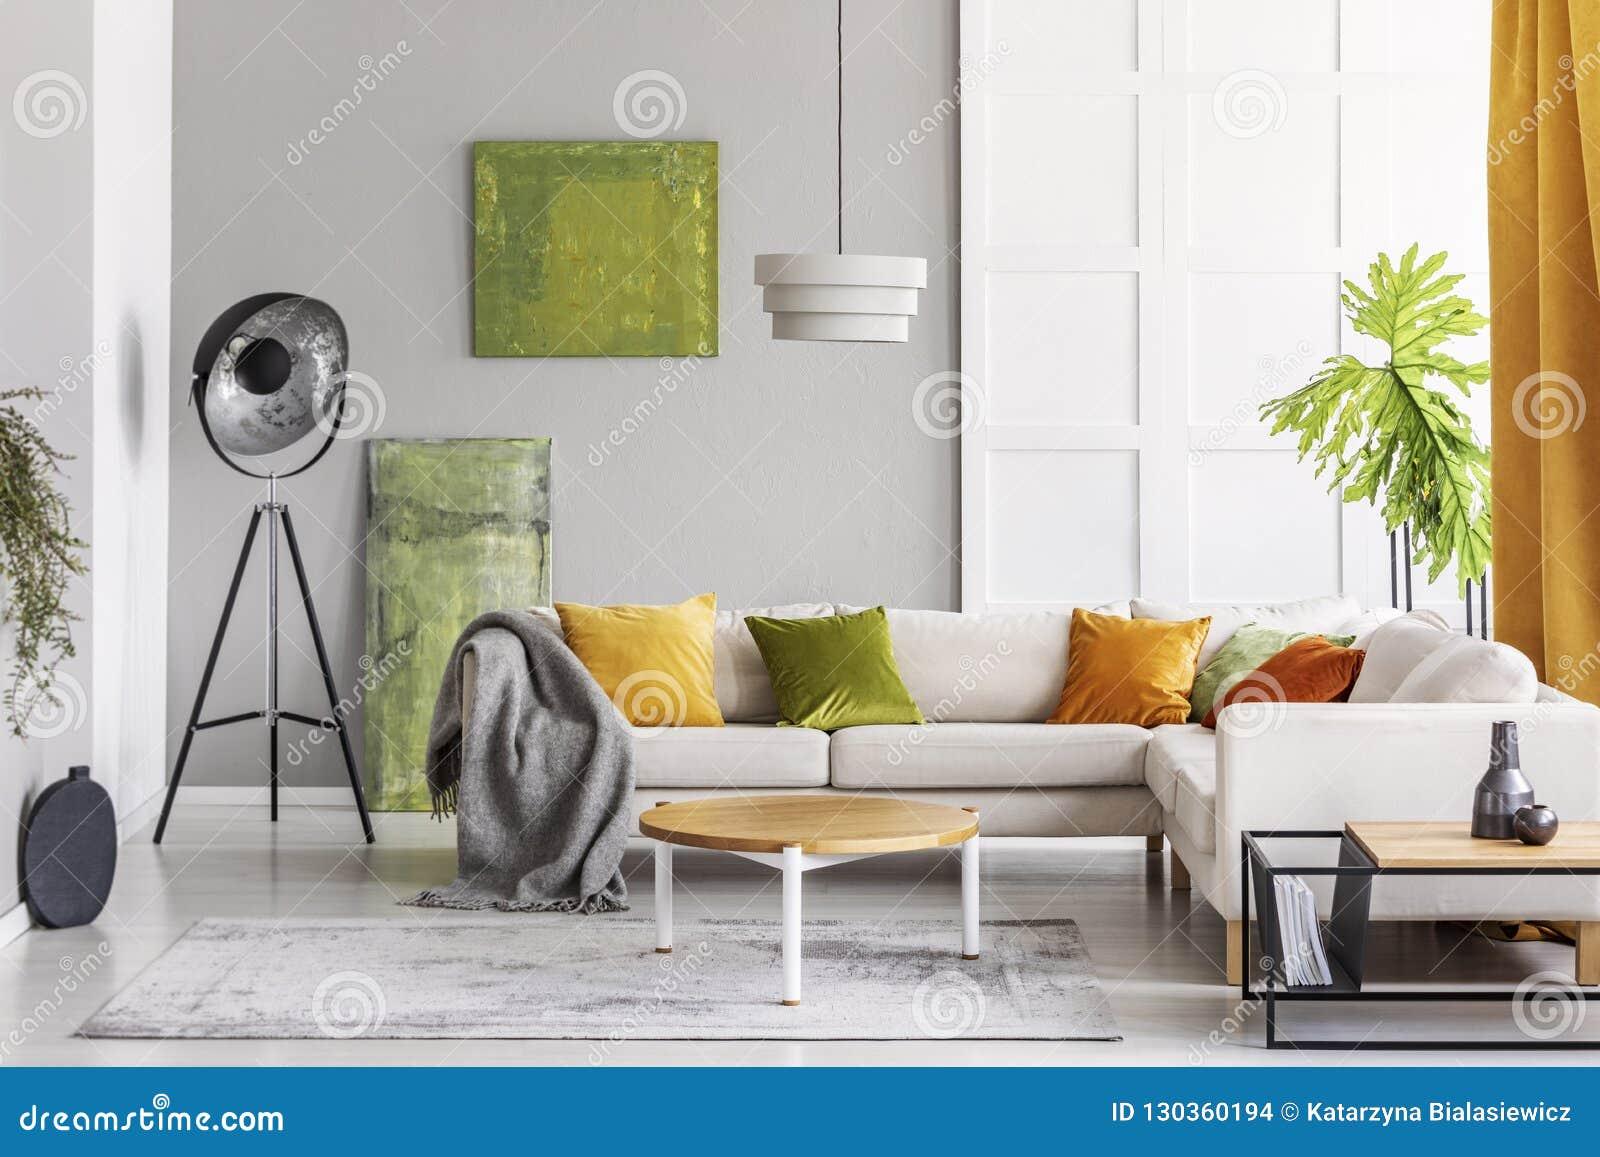 Peintures sur le mur et la lampe industrielle dans le coin du salon élégant intérieur avec les accents d or de chaux, vraie photo